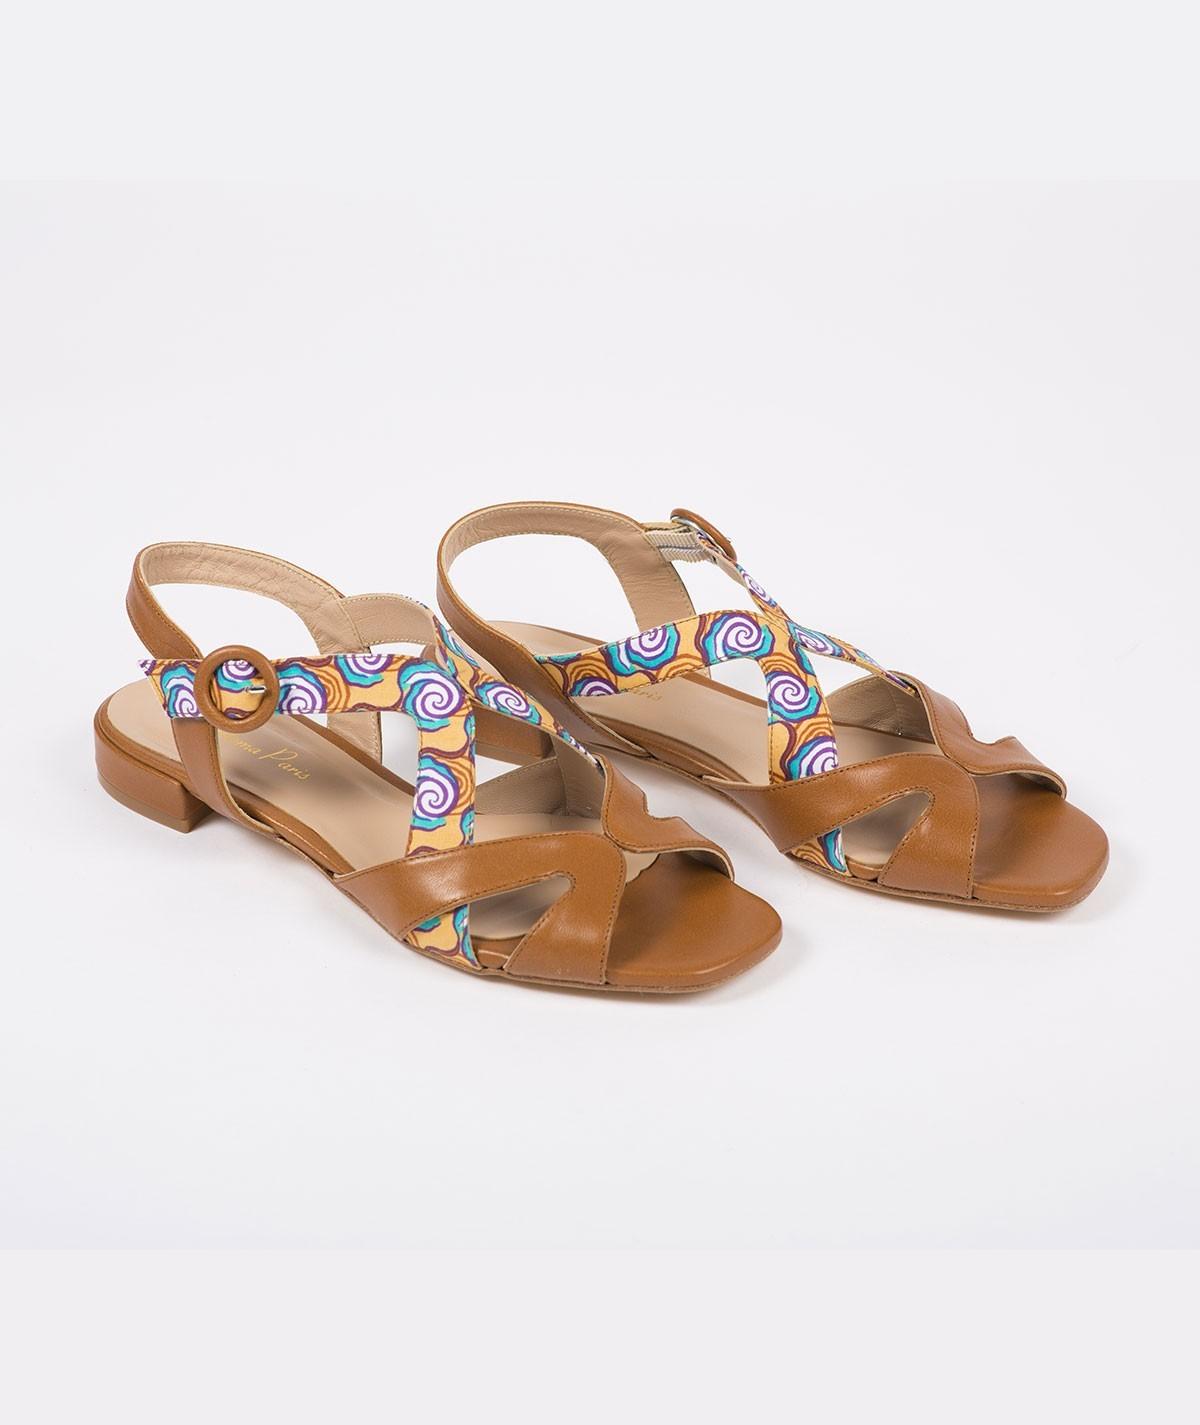 Sandales plates Sarah de Mbour